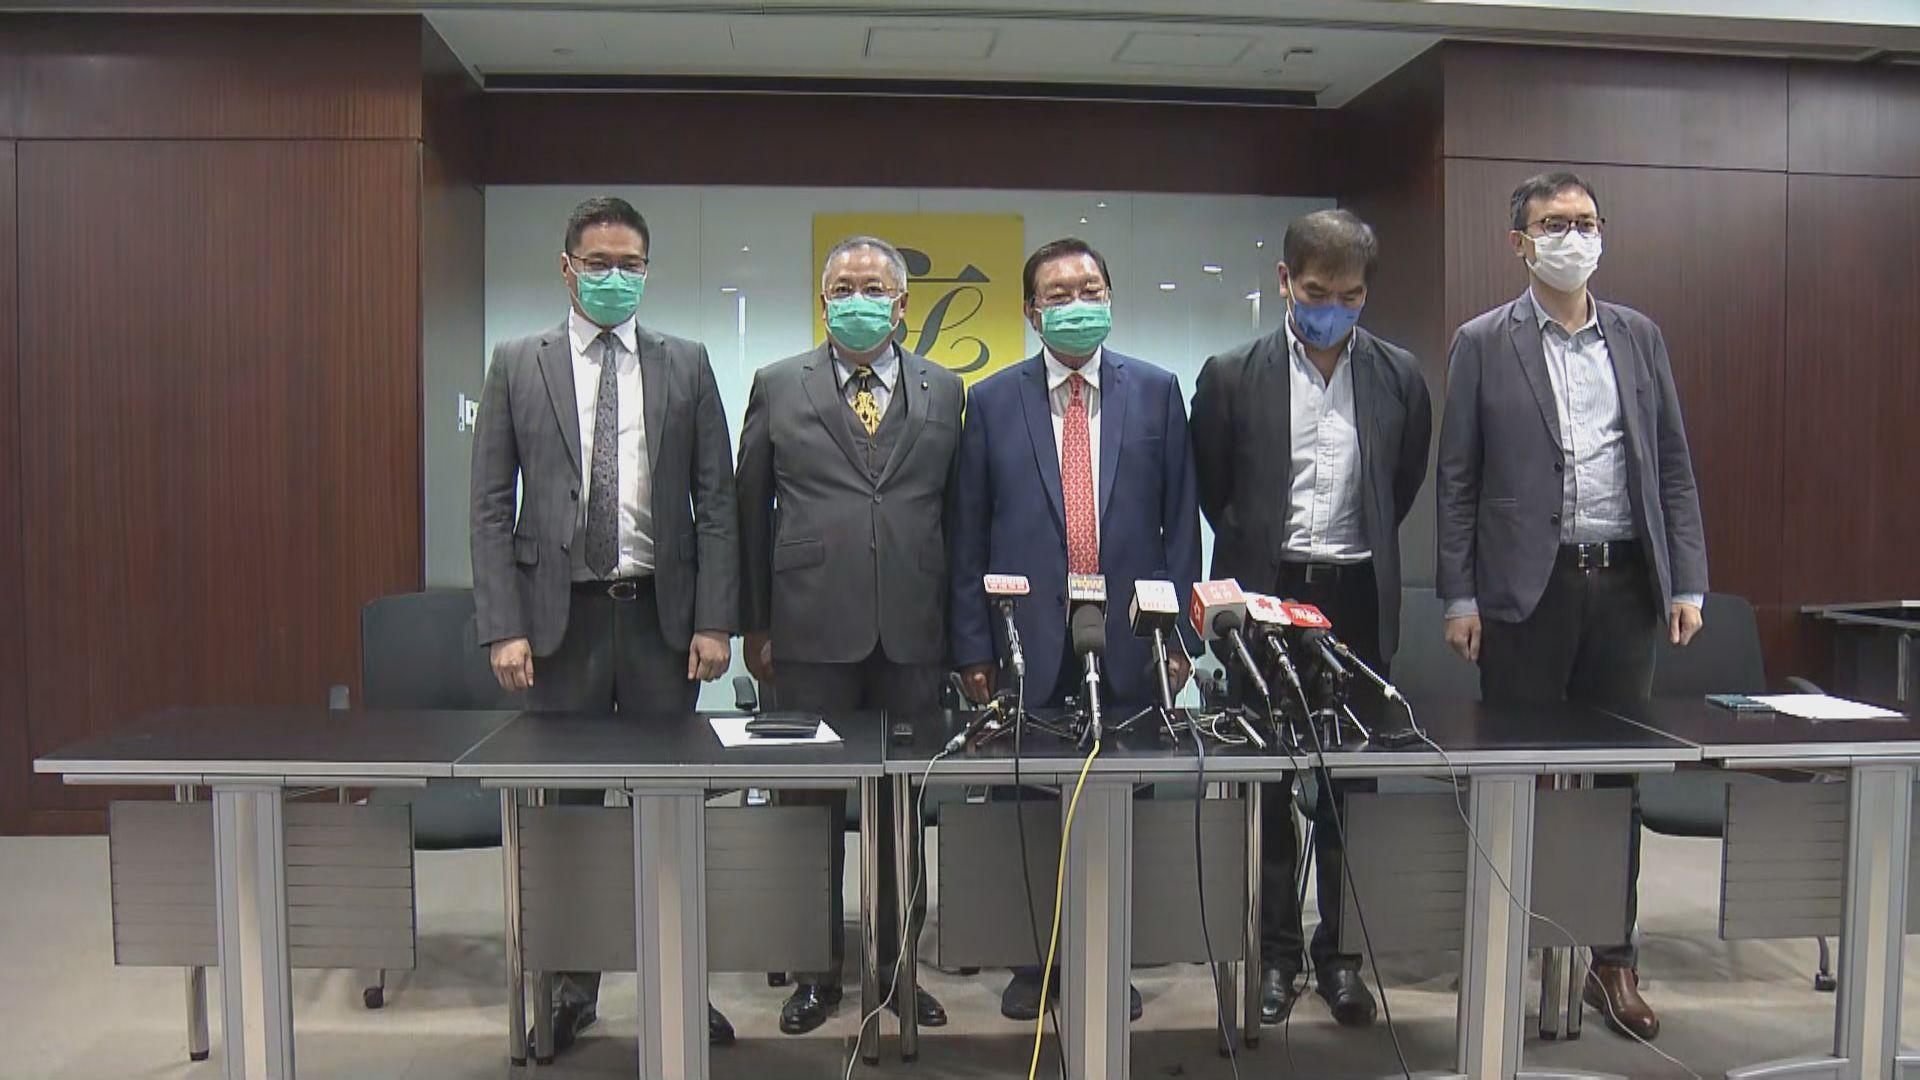 自由黨「關懷基金」向新冠病毒確診者派4000元